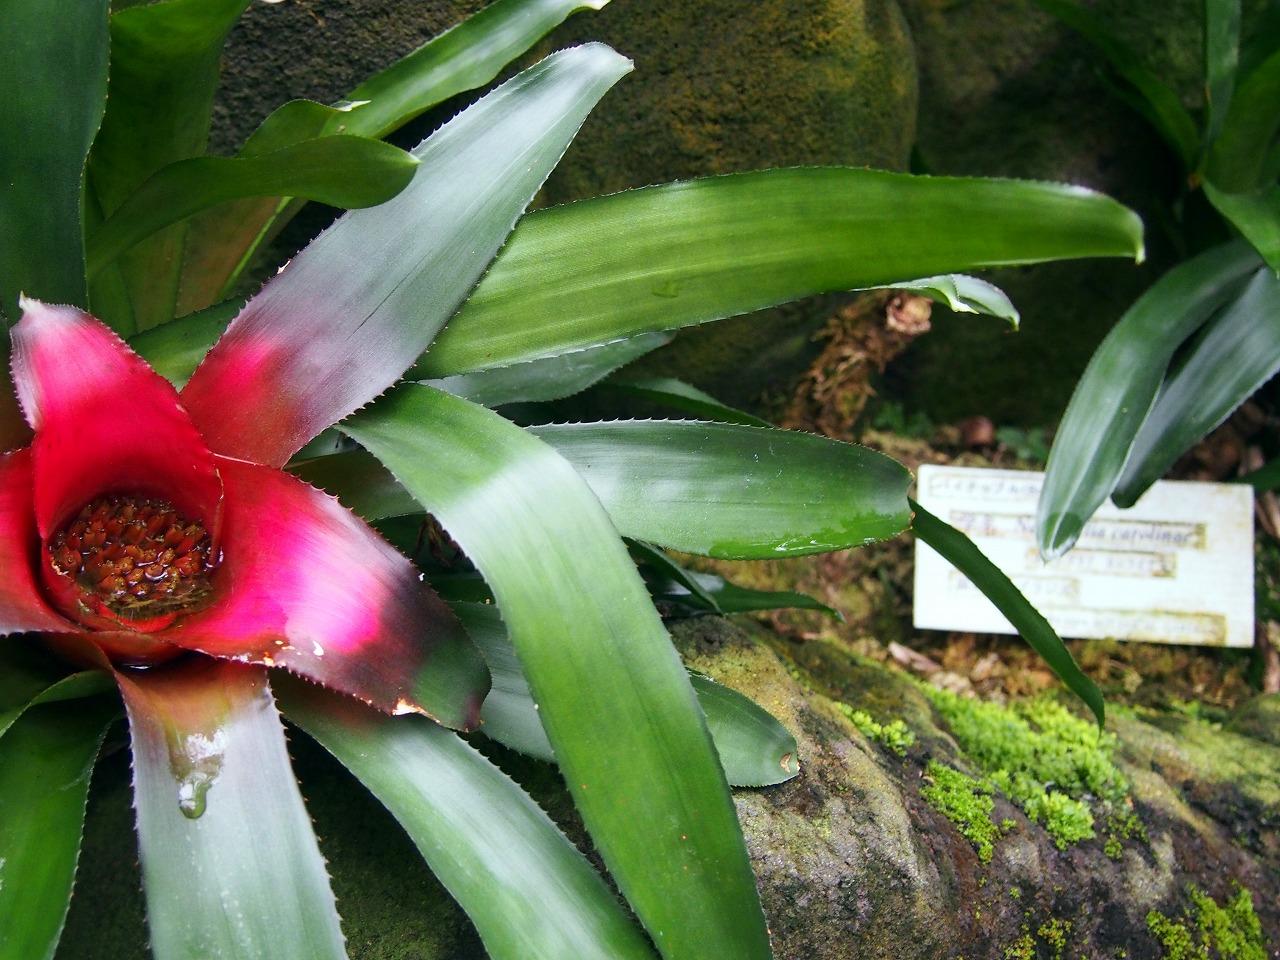 BotanicalGarden130_20141115.jpg